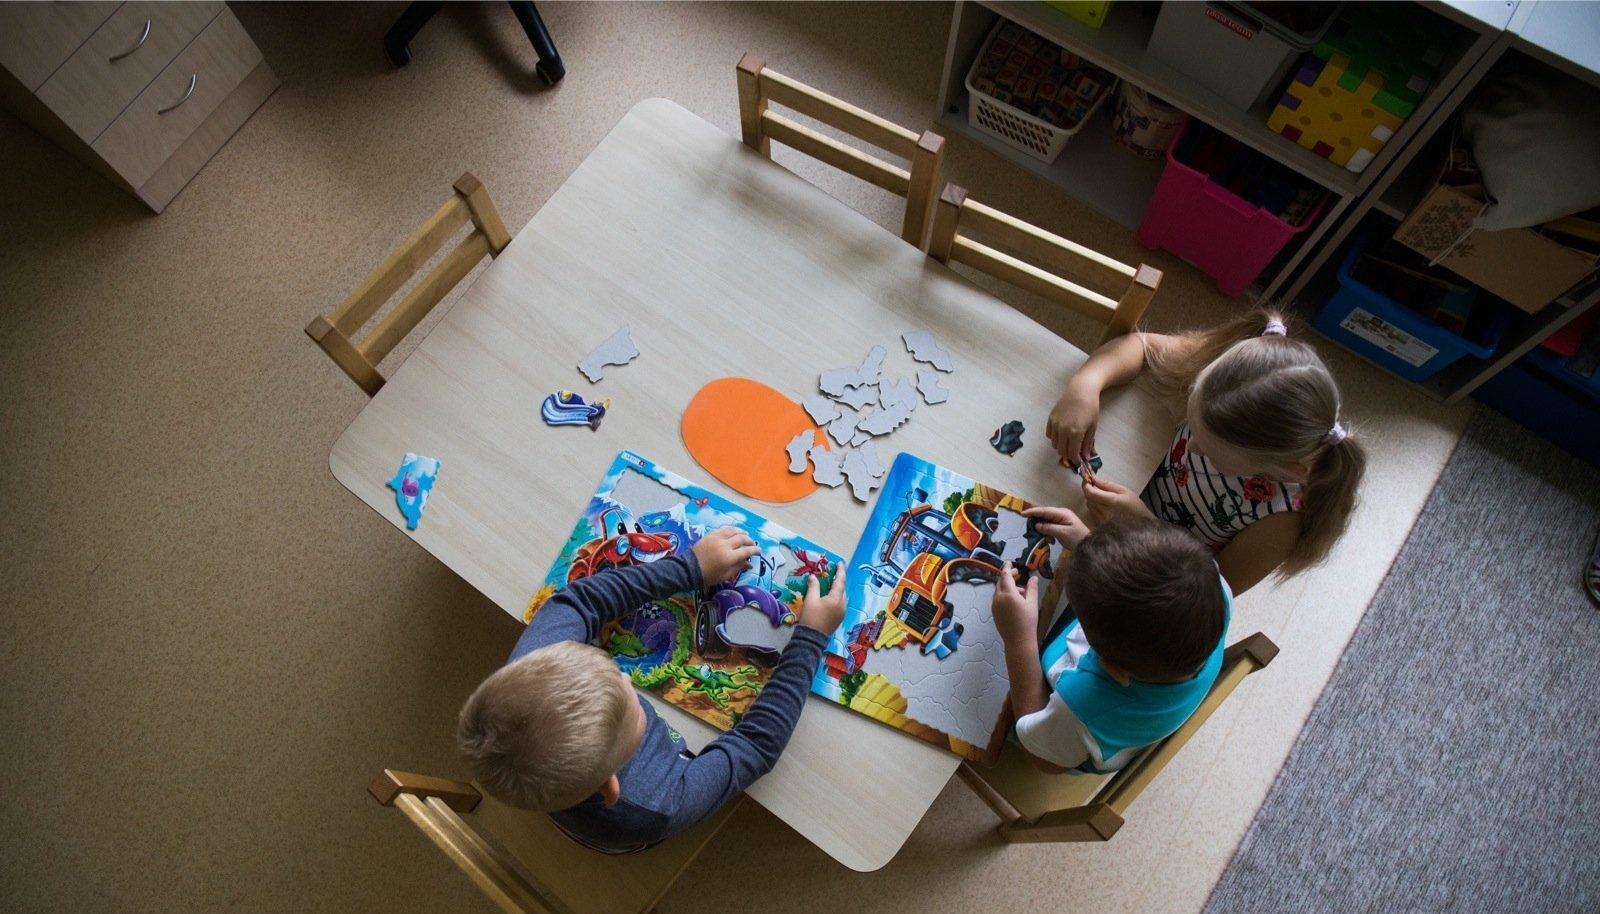 Kas ikka on nii, et mida rangemad on mängu reeglid, seda põnevam ja huvitavam on see laste jaoks?